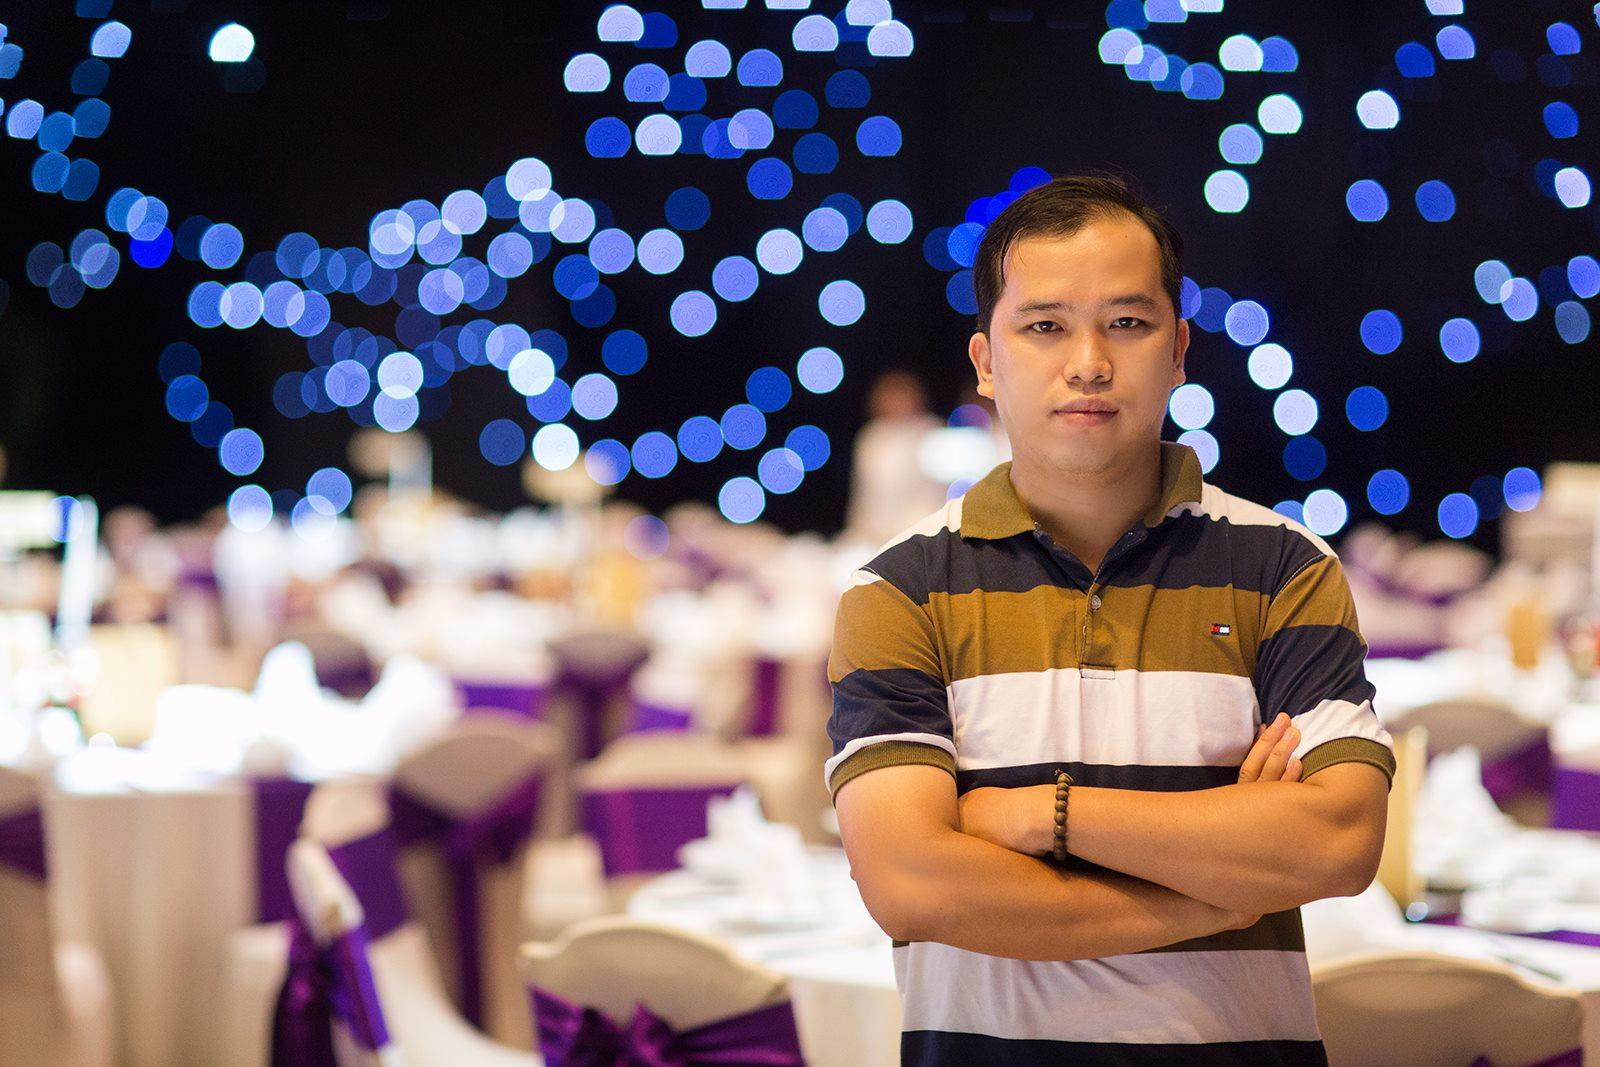 Chụp hình quảng cáo khách sạn resort sự kiện phong cảnh tại Nha Trang